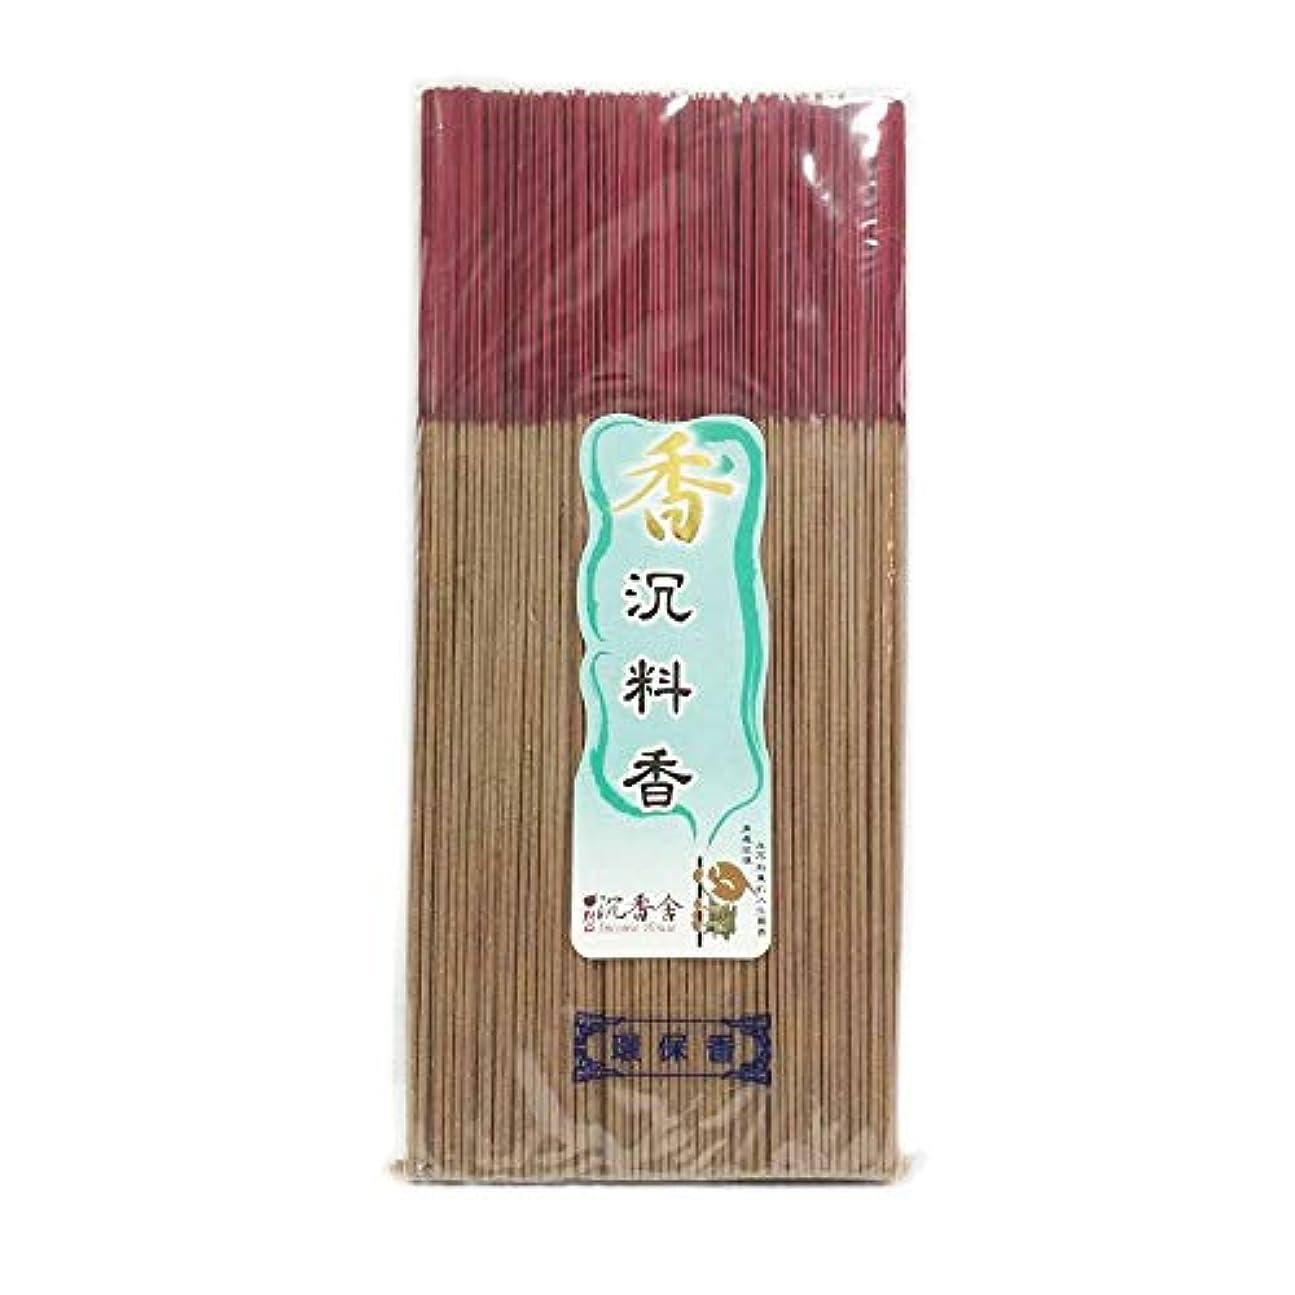 凝縮する力明らかに伝統的 中国風 薬味 ジョス お香スティック 300g 台湾 お香 家 宗教的 仏陀用 約400本 30cm